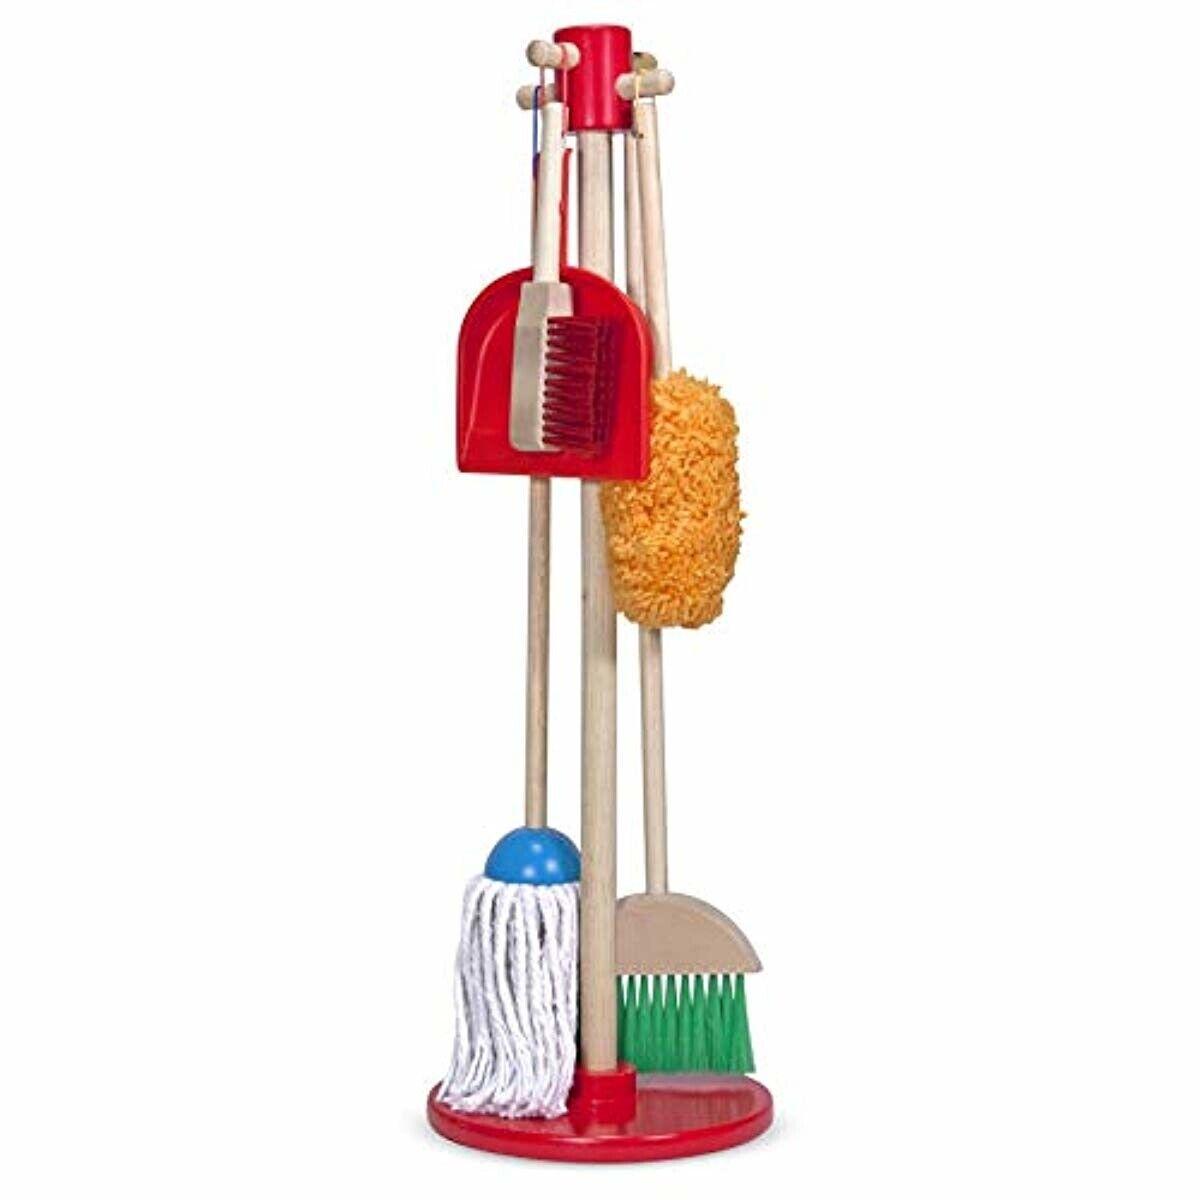 cleaning kit for children kids broom dust